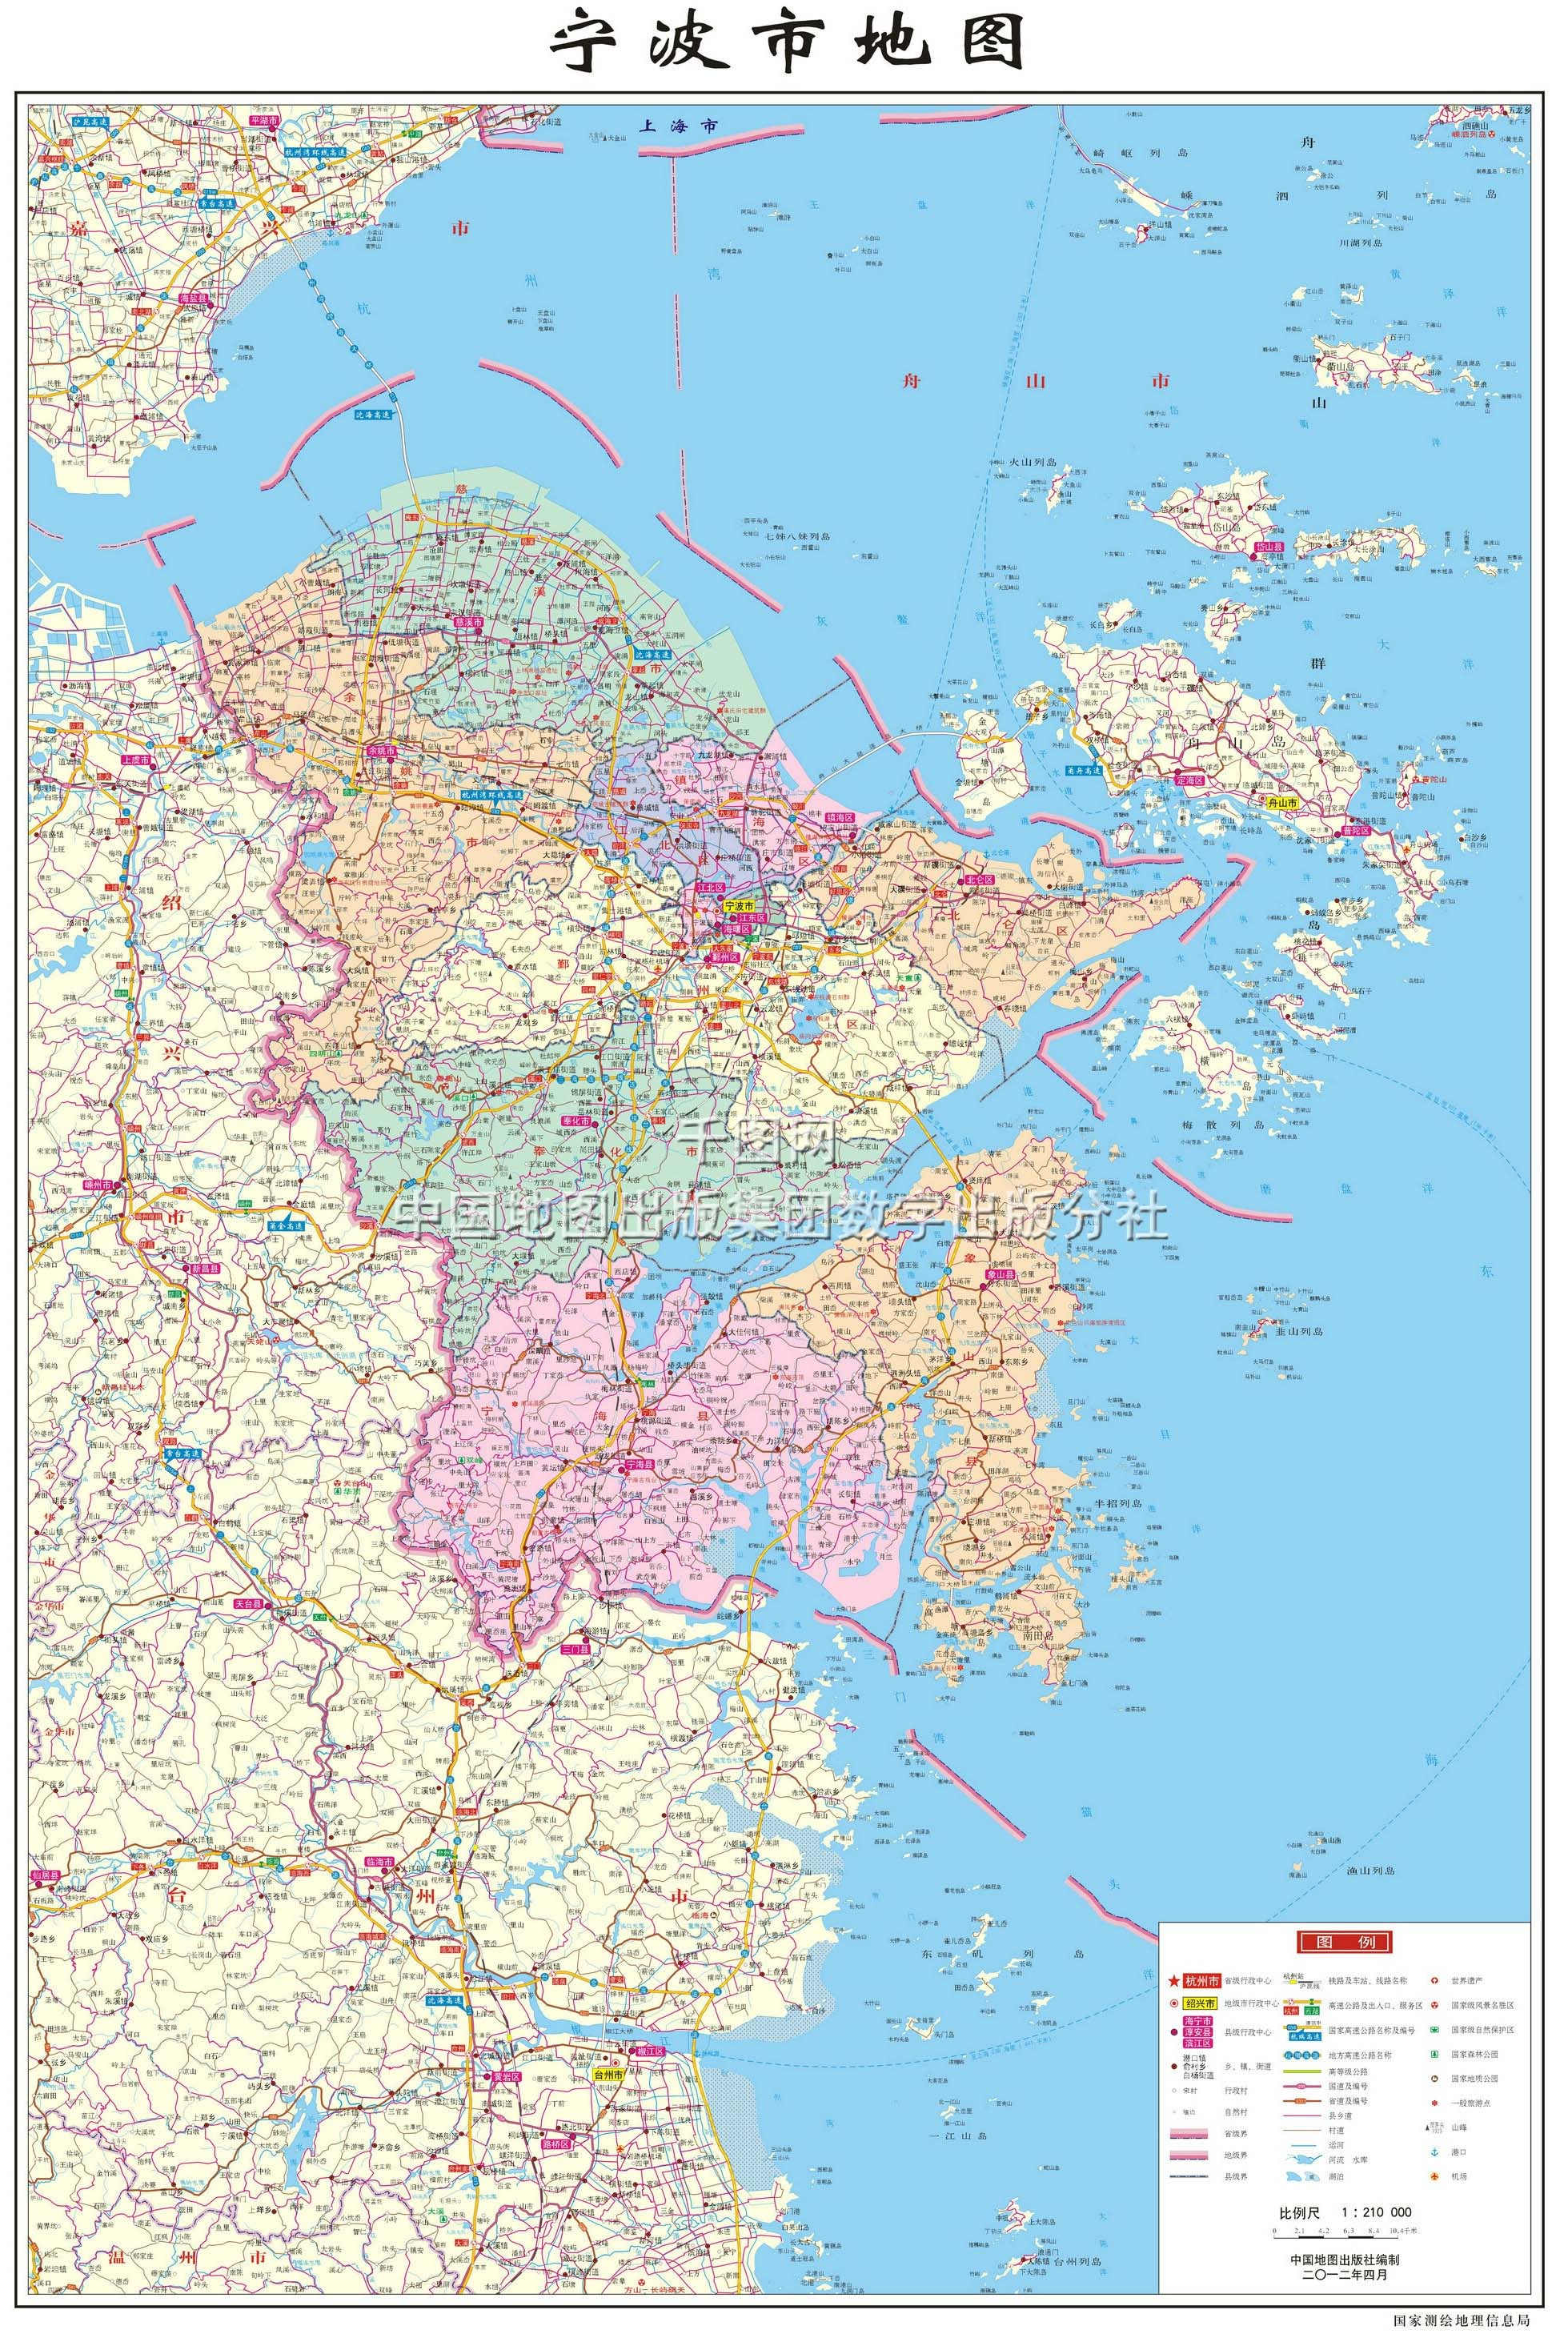 舟山市地图_舟山地图,舟山地图高清版